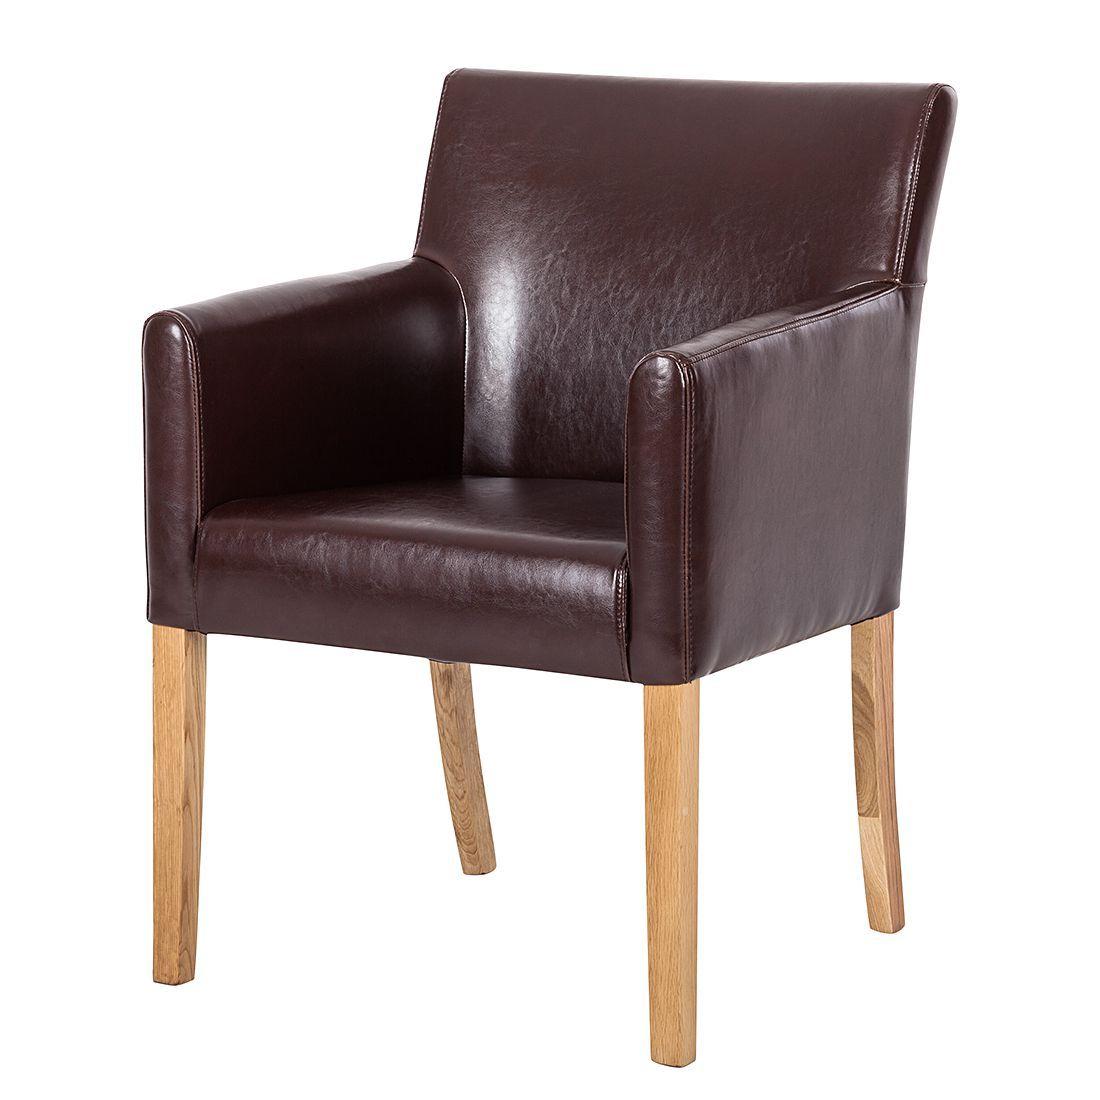 Großartig Esszimmerstühle Cognac Foto Von #möbel #kueche #maison #esszimmerstühle #belfort #esszimmer #armlehnstuehle